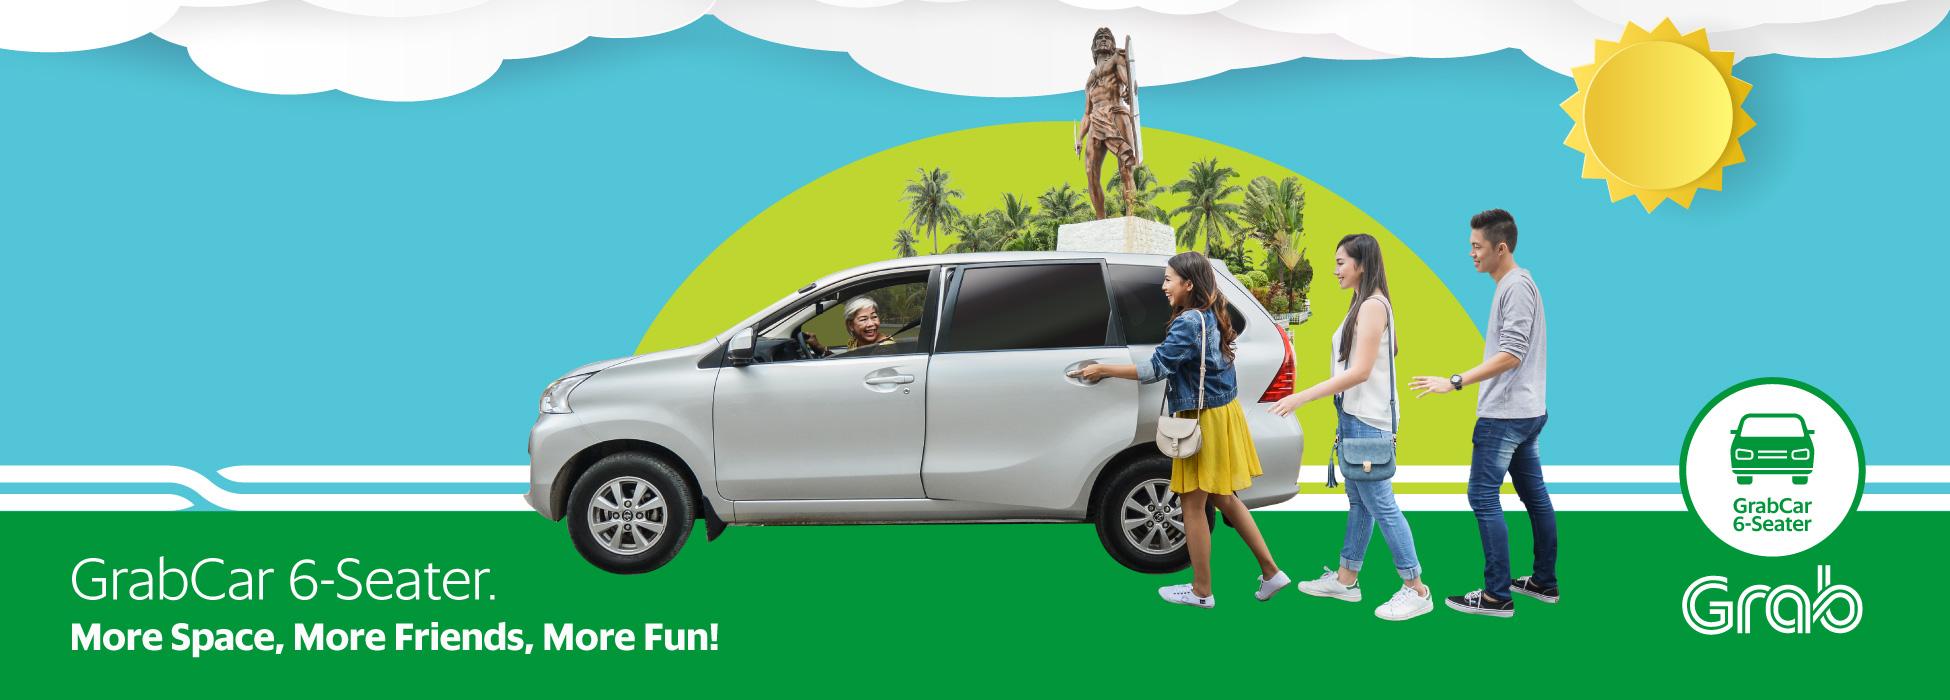 Grabcar 6 Seater Is Now In Cebu Grab Ph